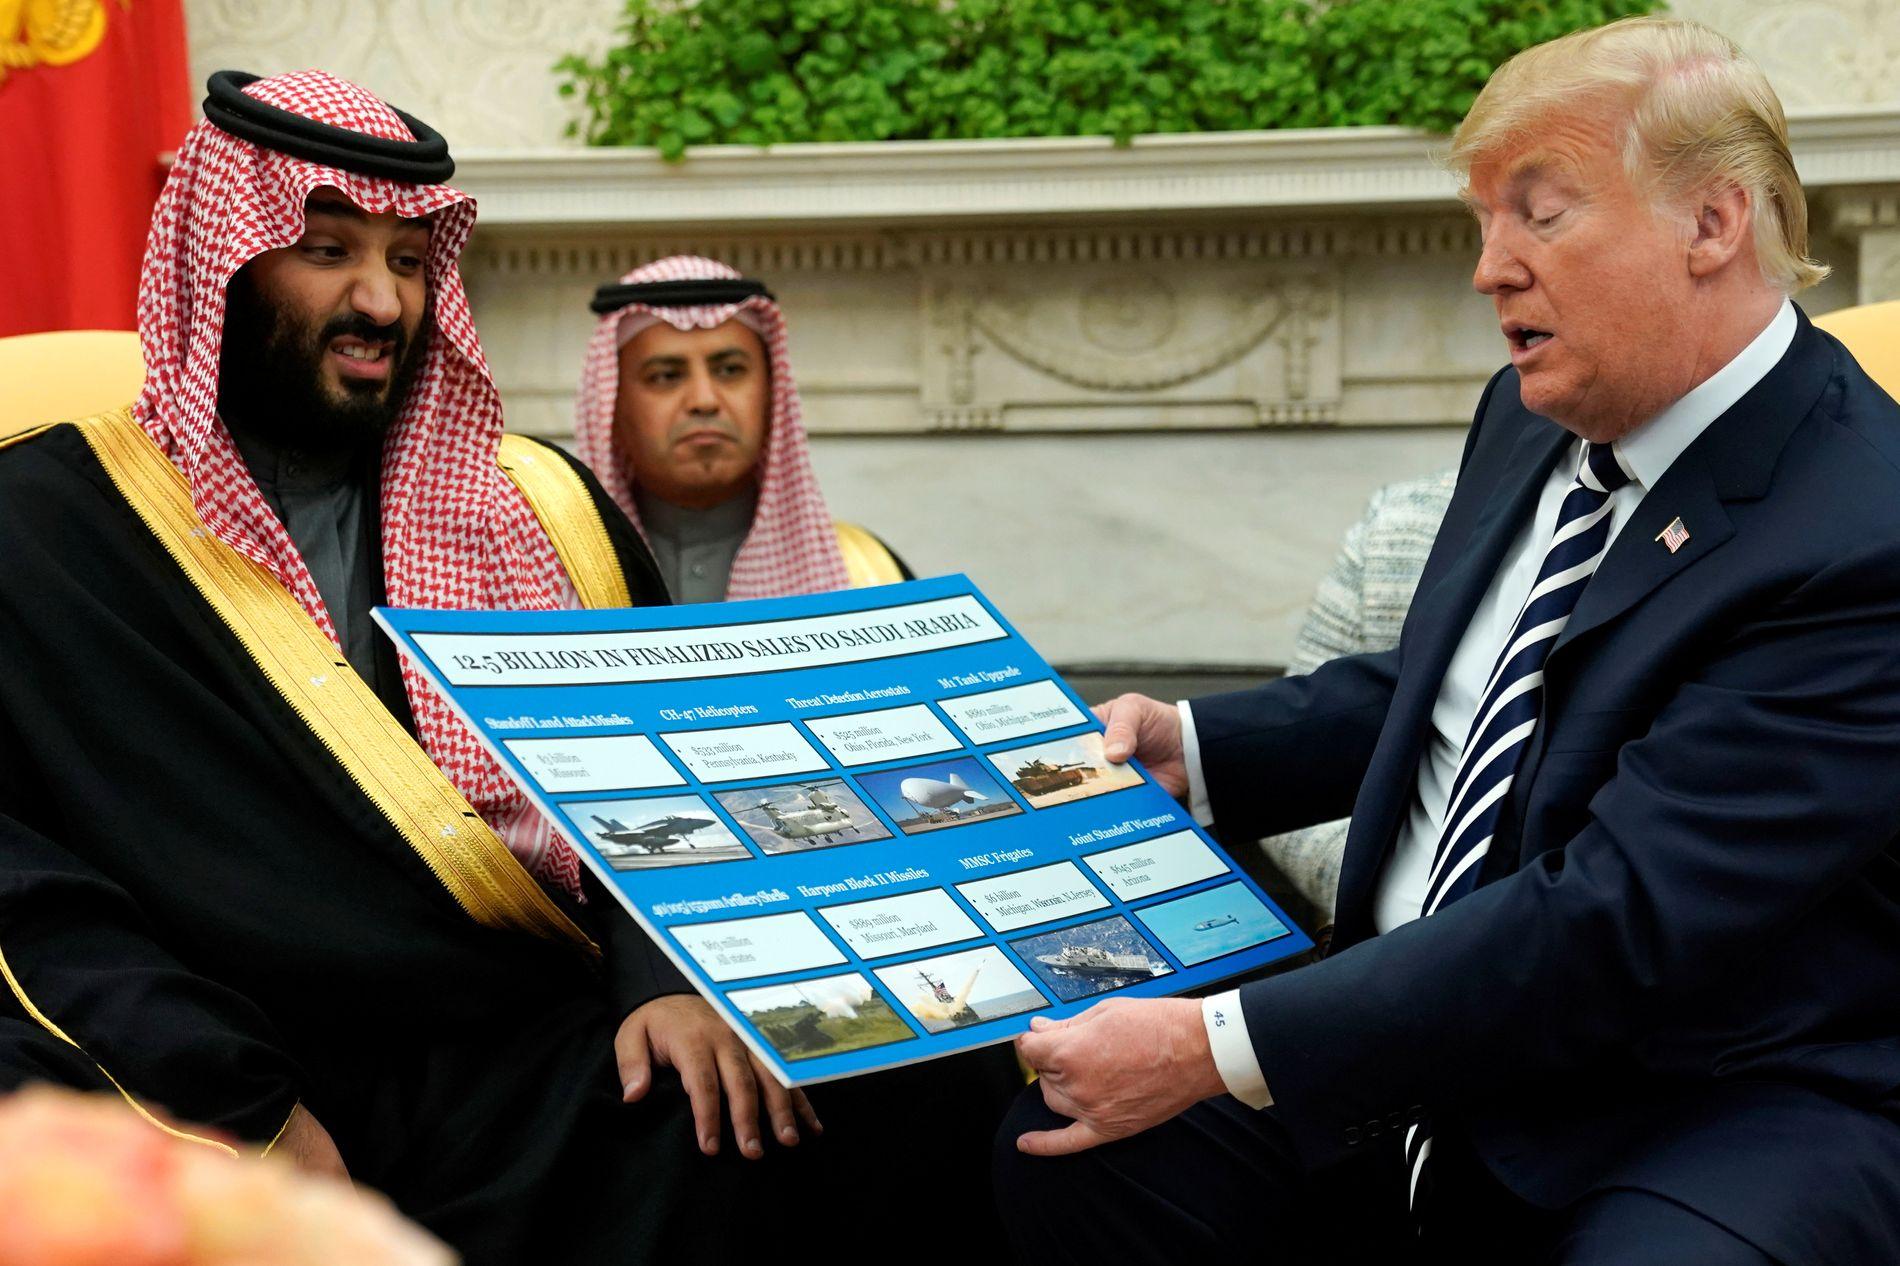 REGIMETS VÅPEN: President Donald Trump mottok Saudi-Arabias kronprins Mohammed bin Salman i Det hvite hus i mars. Han viste frem en oversikt over det store våpensalget til Saudi-Arabia.